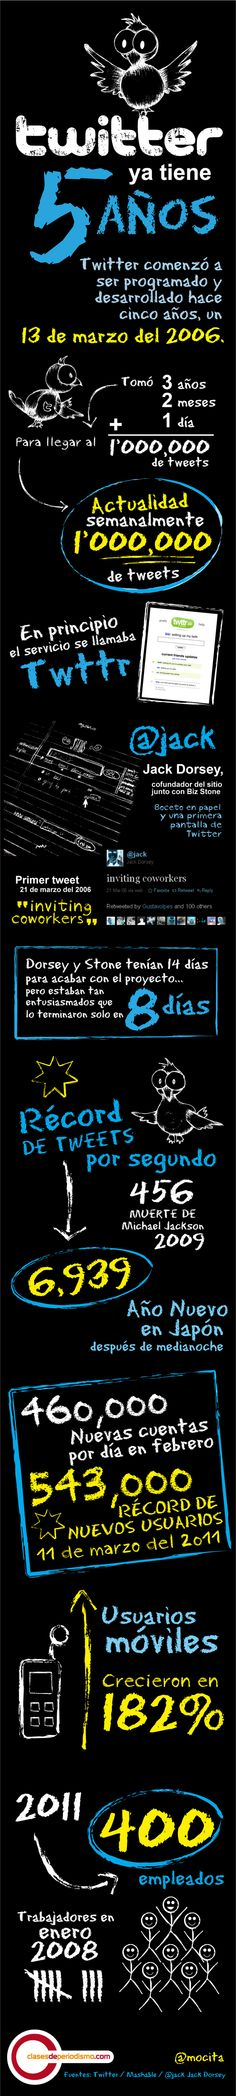 Los 5 años de #Twitter!  (repinned by @jagtomas)